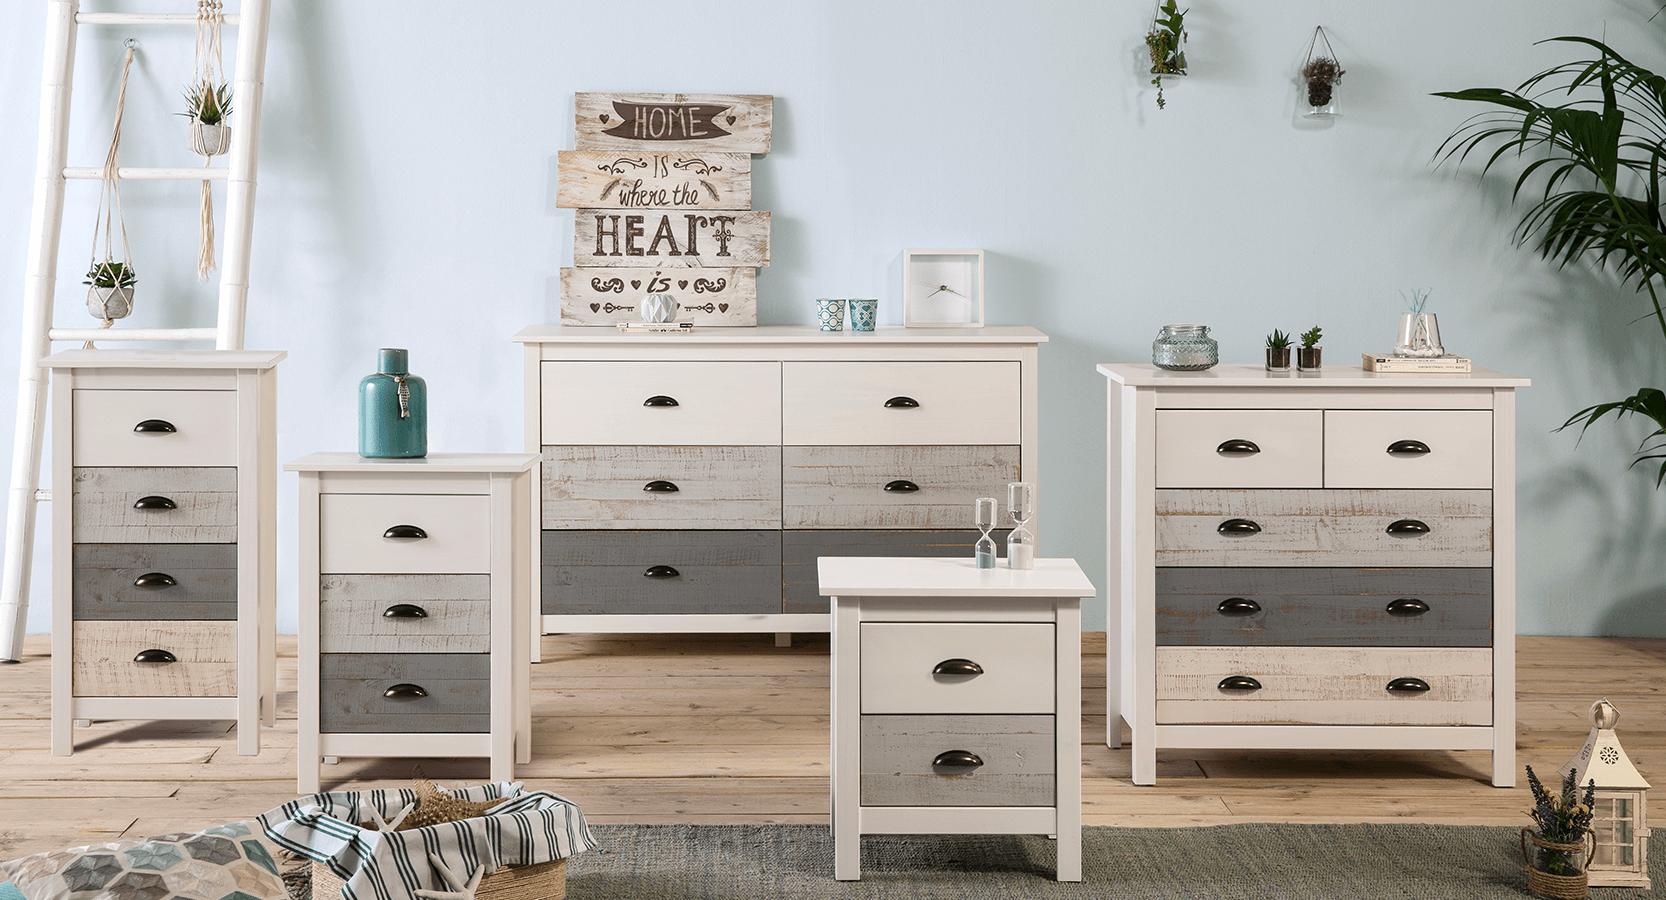 Comment nettoyer son meuble en bois?